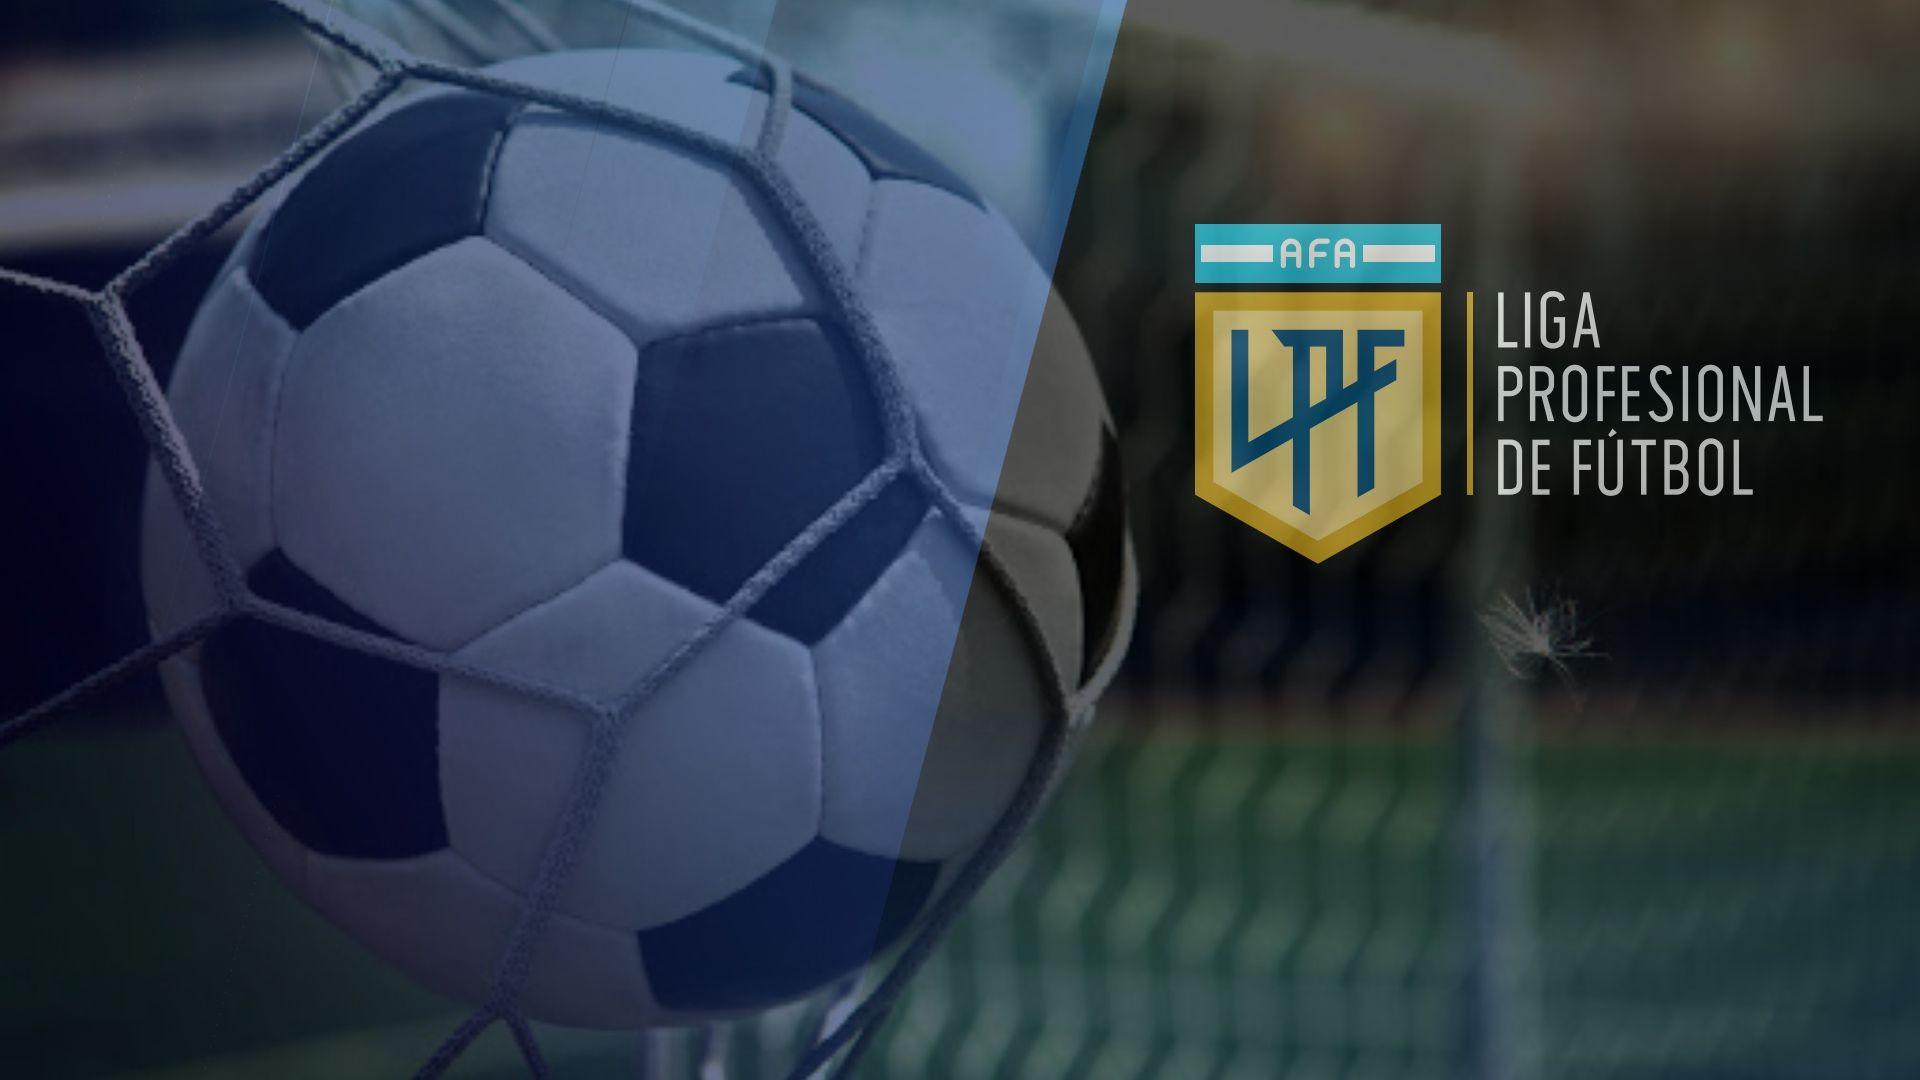 La AFA creó la Liga Profesional de Fútbol | IMPULSO